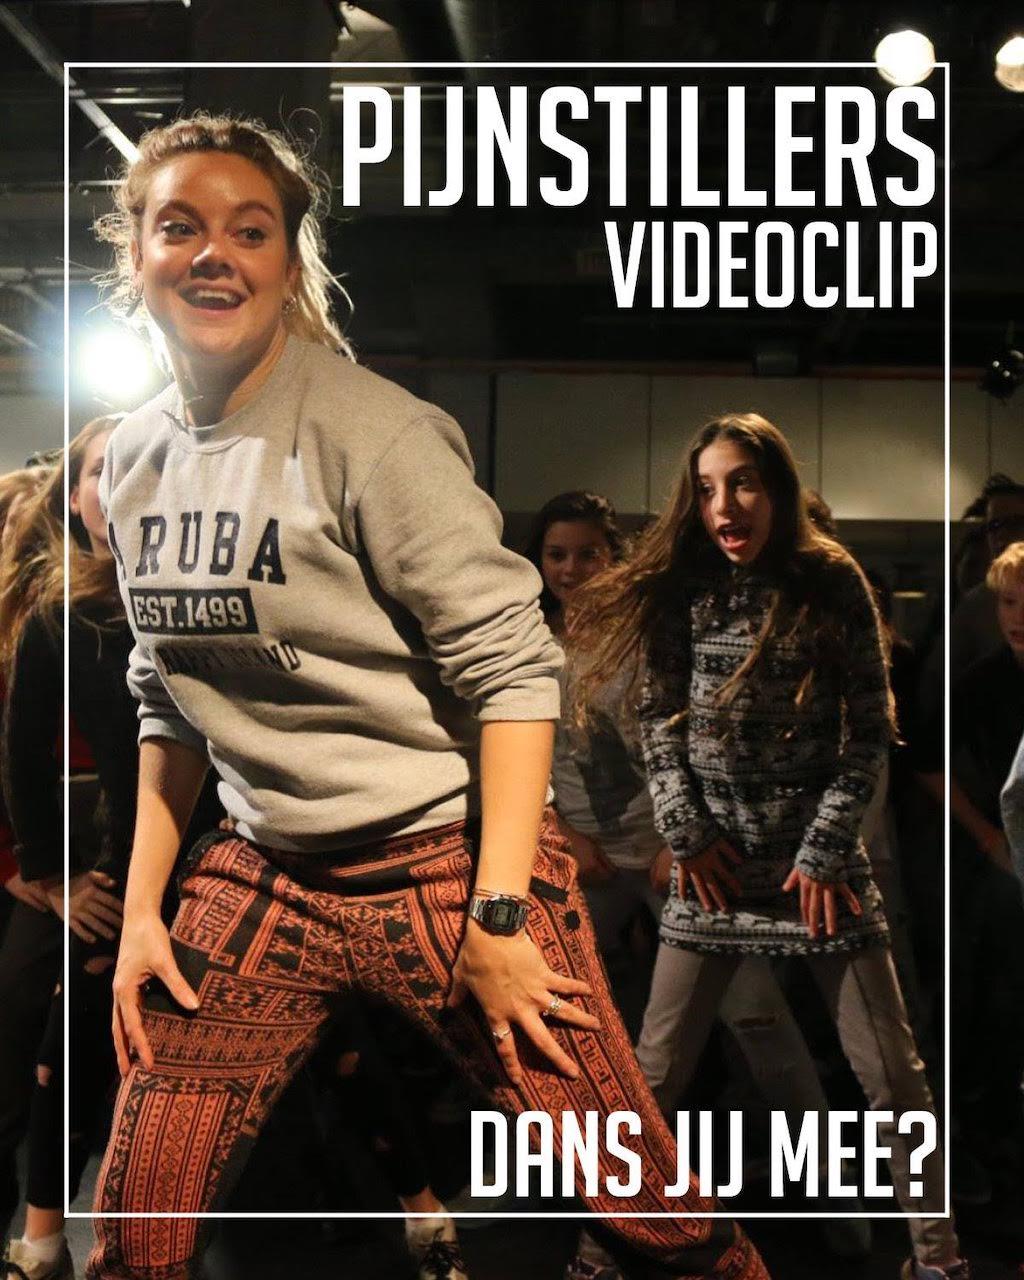 Dans mee in de videoclip van 'Pijnstillers'